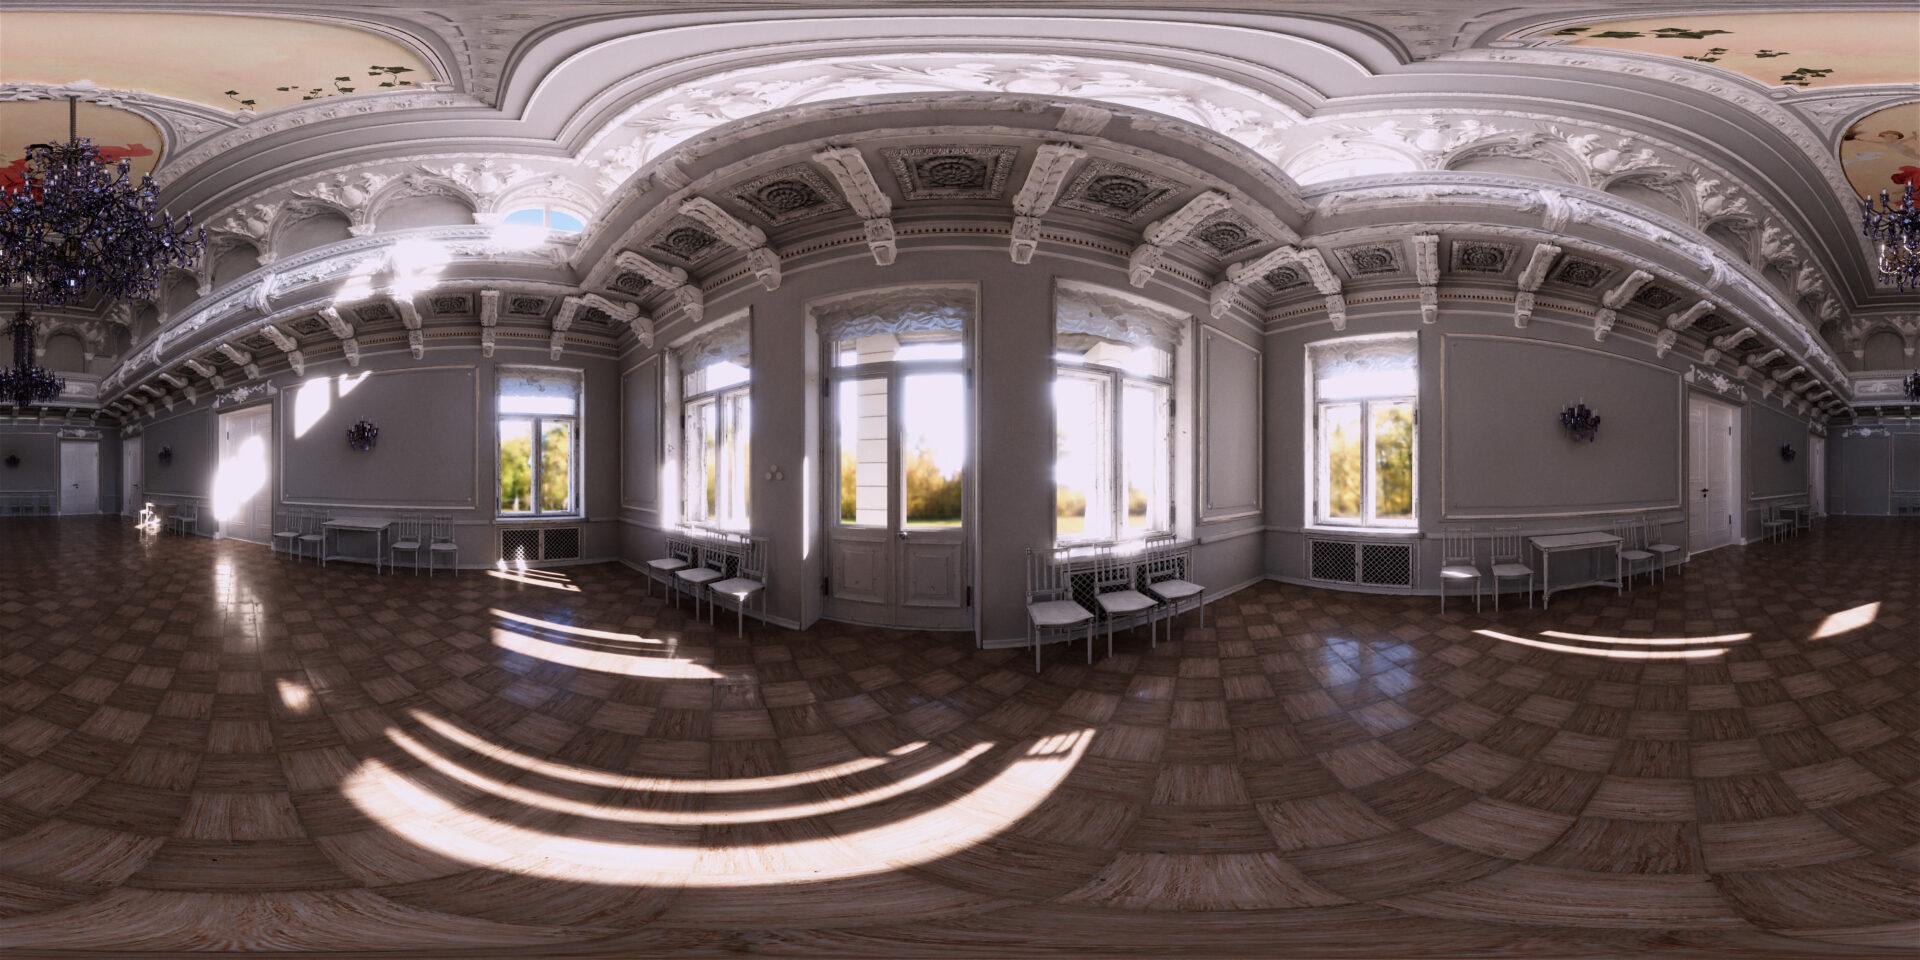 3D Oru lossi suur saal_BLUERAY